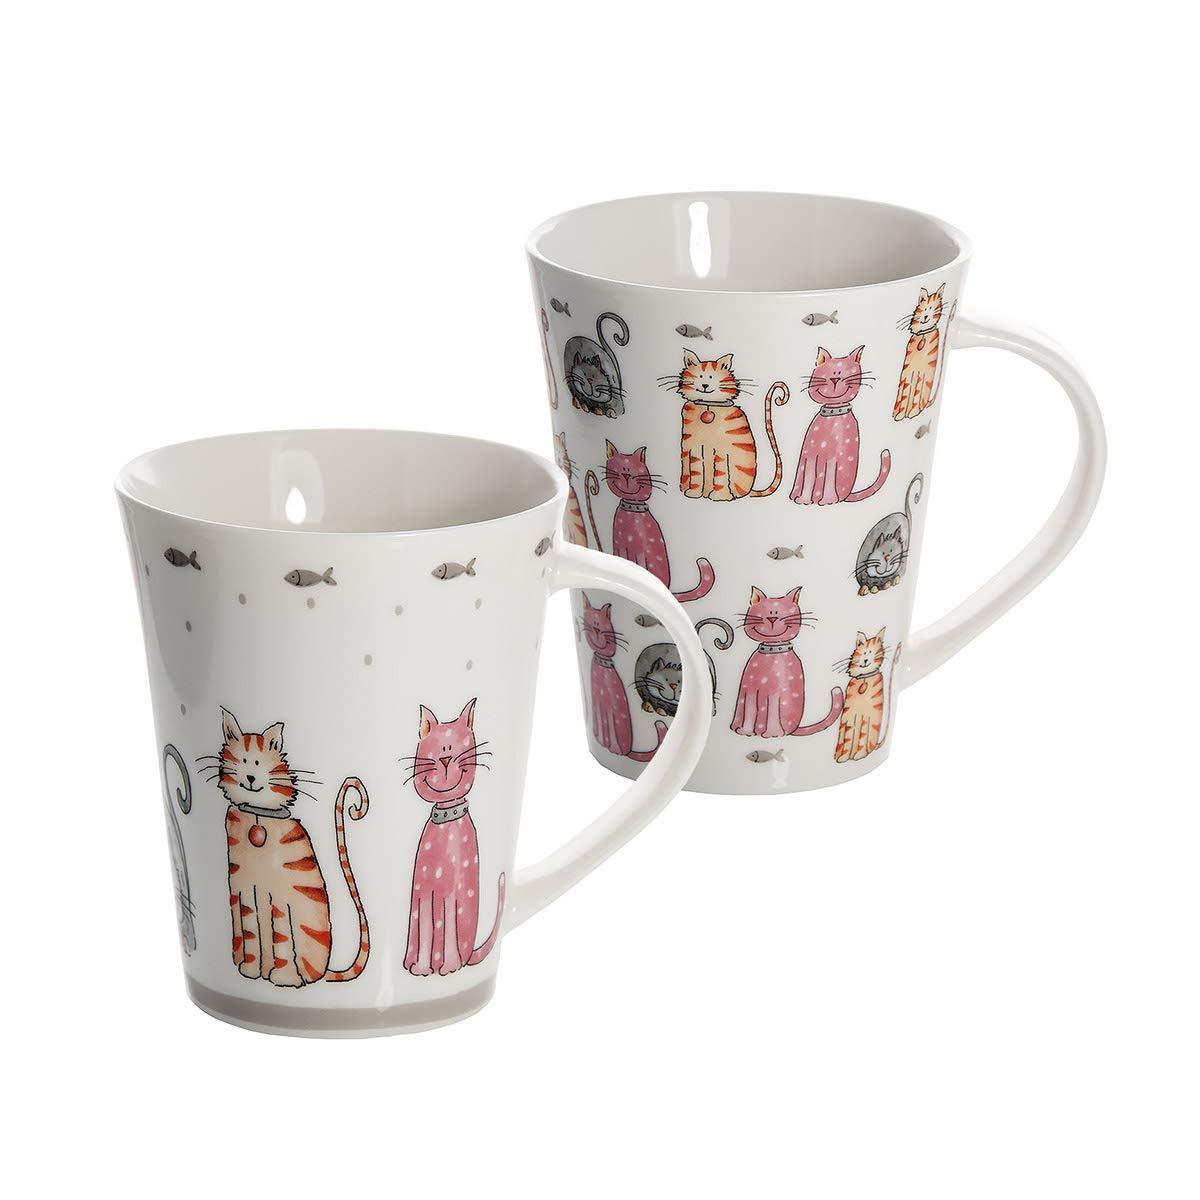 Lot de 2 Tasses mugs blanc à café ou à thé boissons chaudes nouvelle porcelaine avec deux des chats mignons assortis conceptions cadeau pour amateurs de chat avec boîte-cadeau Spotted Dog Gift Company